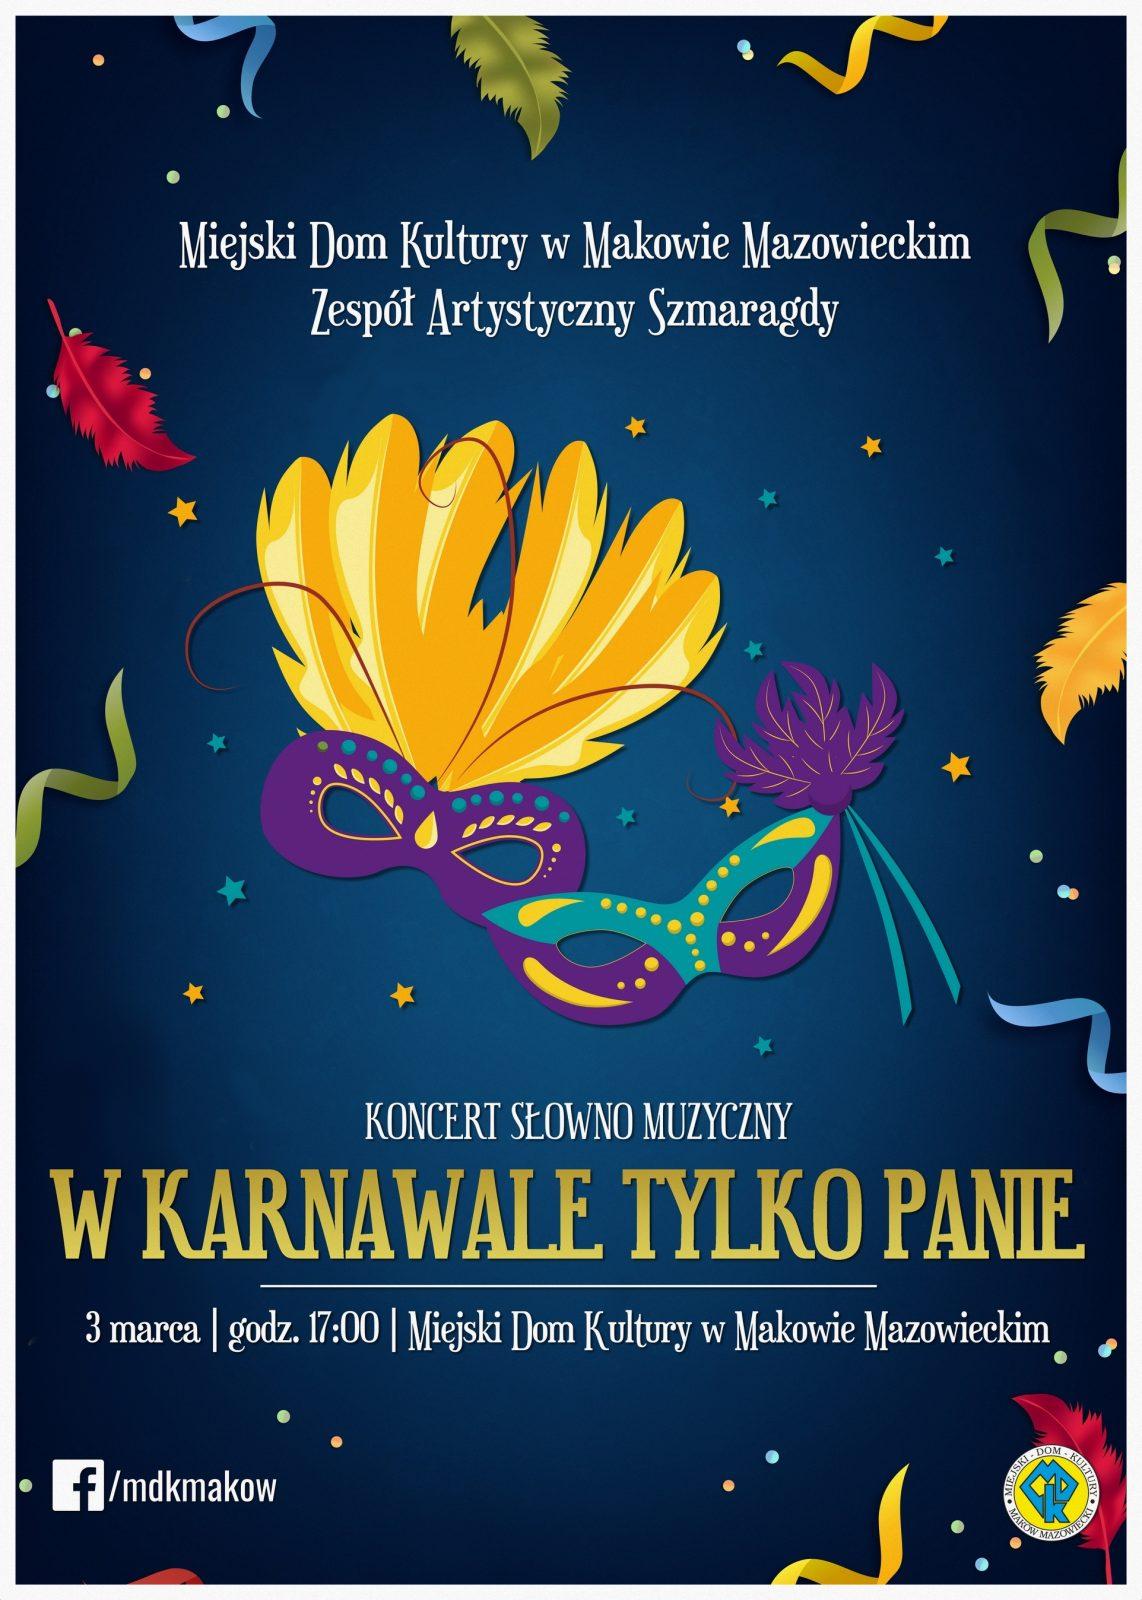 """Plakat. Zespół Artystyczny Szmaragdy przedstawia koncert słowno muzyczny pod tytułem """"W Karnawale tylko Panie"""". 3 marca godzina 17:00. Na ciemno niebiskim tle znajdują się dwie maski karnawałowe"""